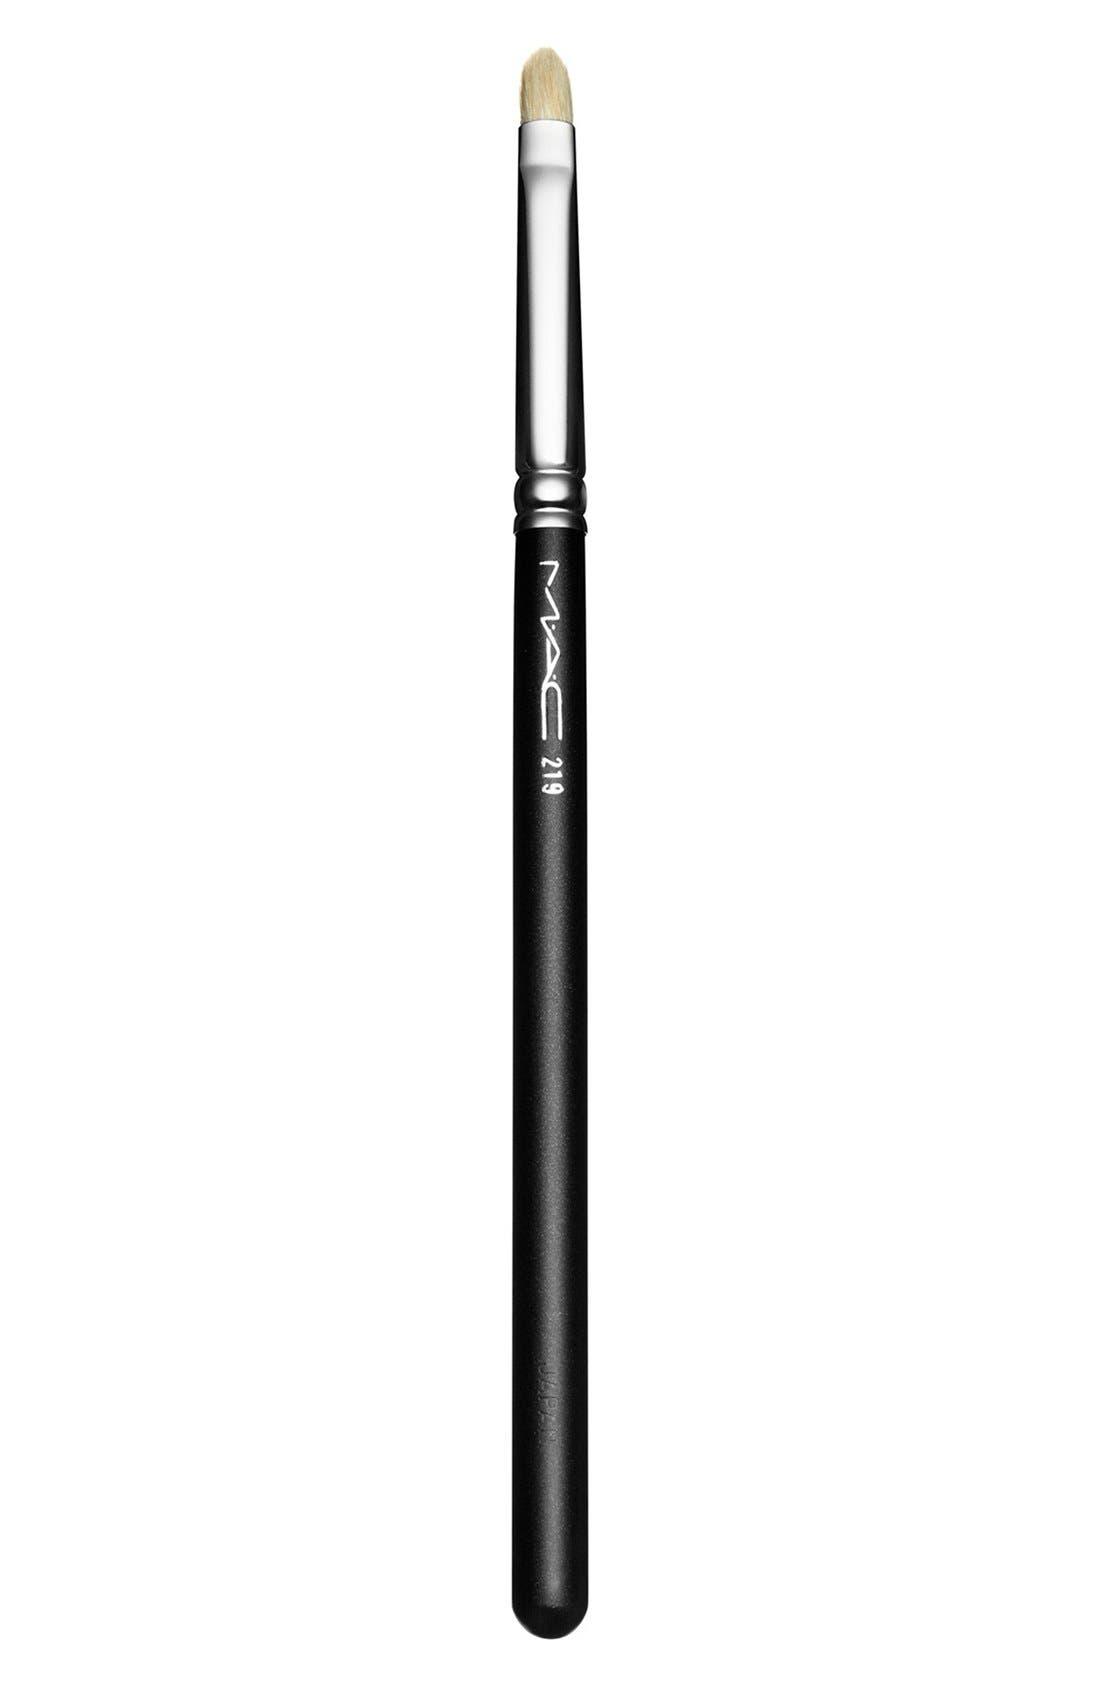 MAC 219 Pencil Brush,                             Main thumbnail 1, color,